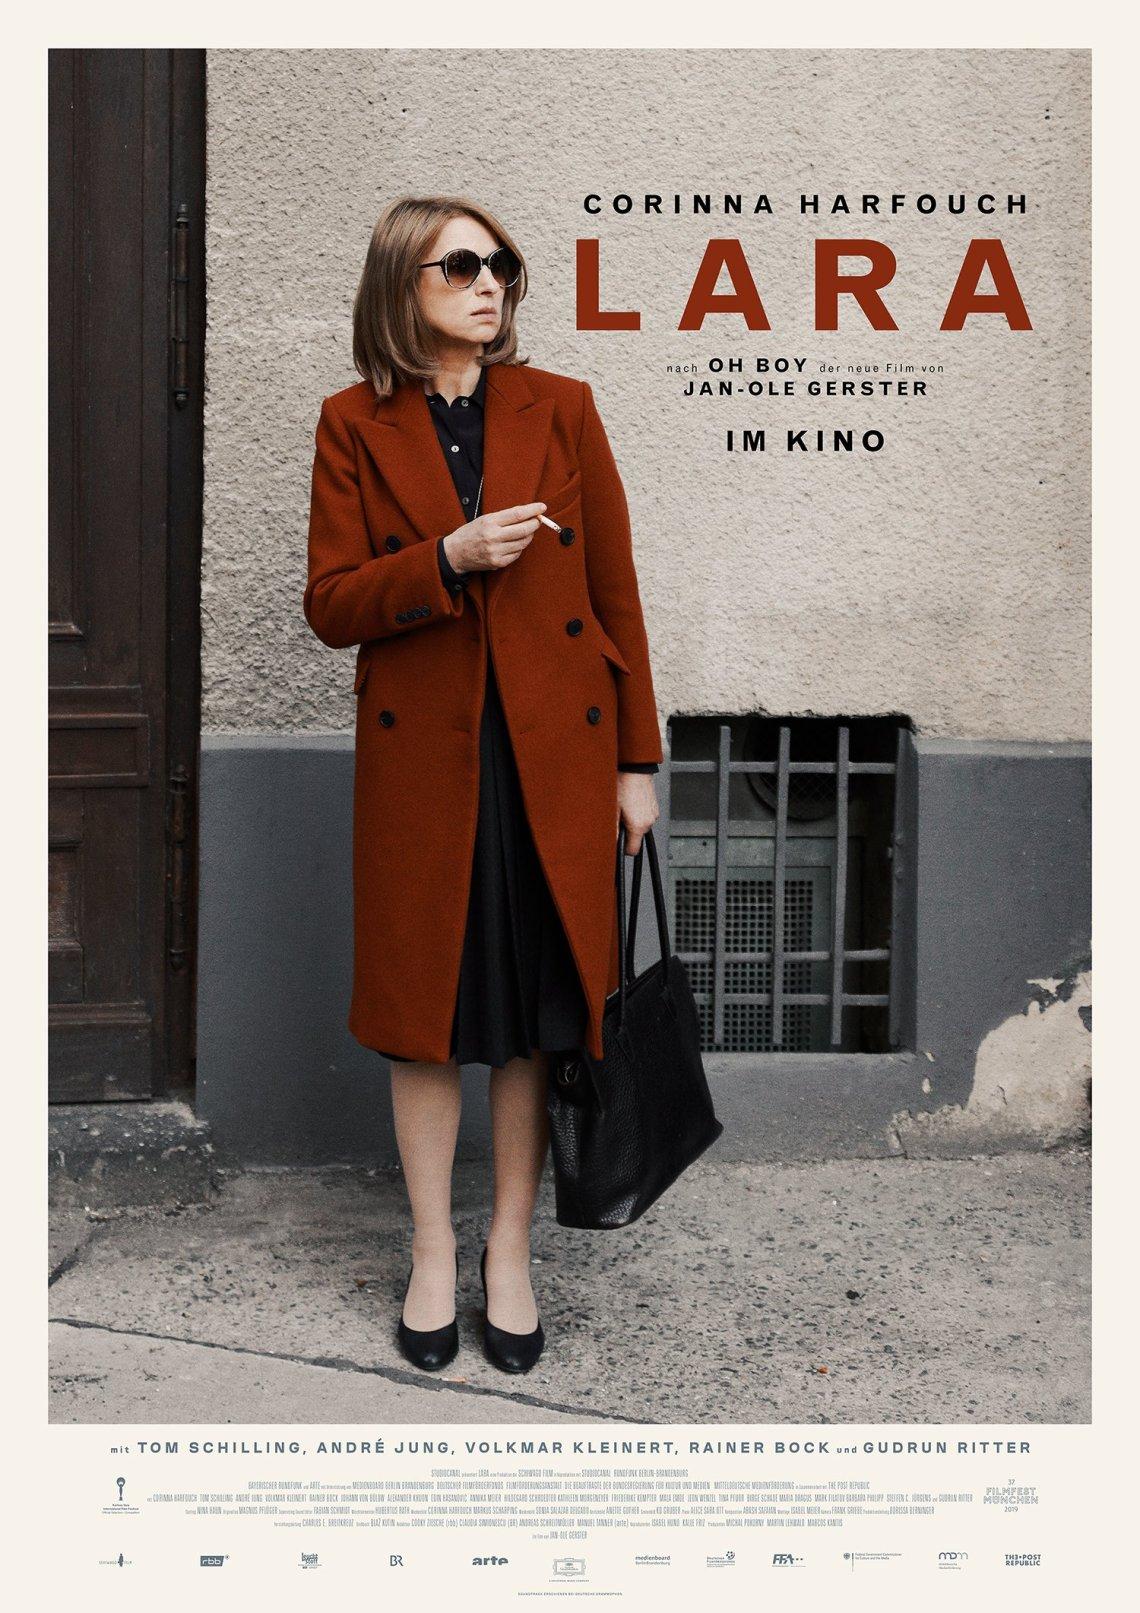 conny doll lifestyle: LARA, der neue Film von Jan-Ole Gerster kommt am 7.11.2019 in die Kinos